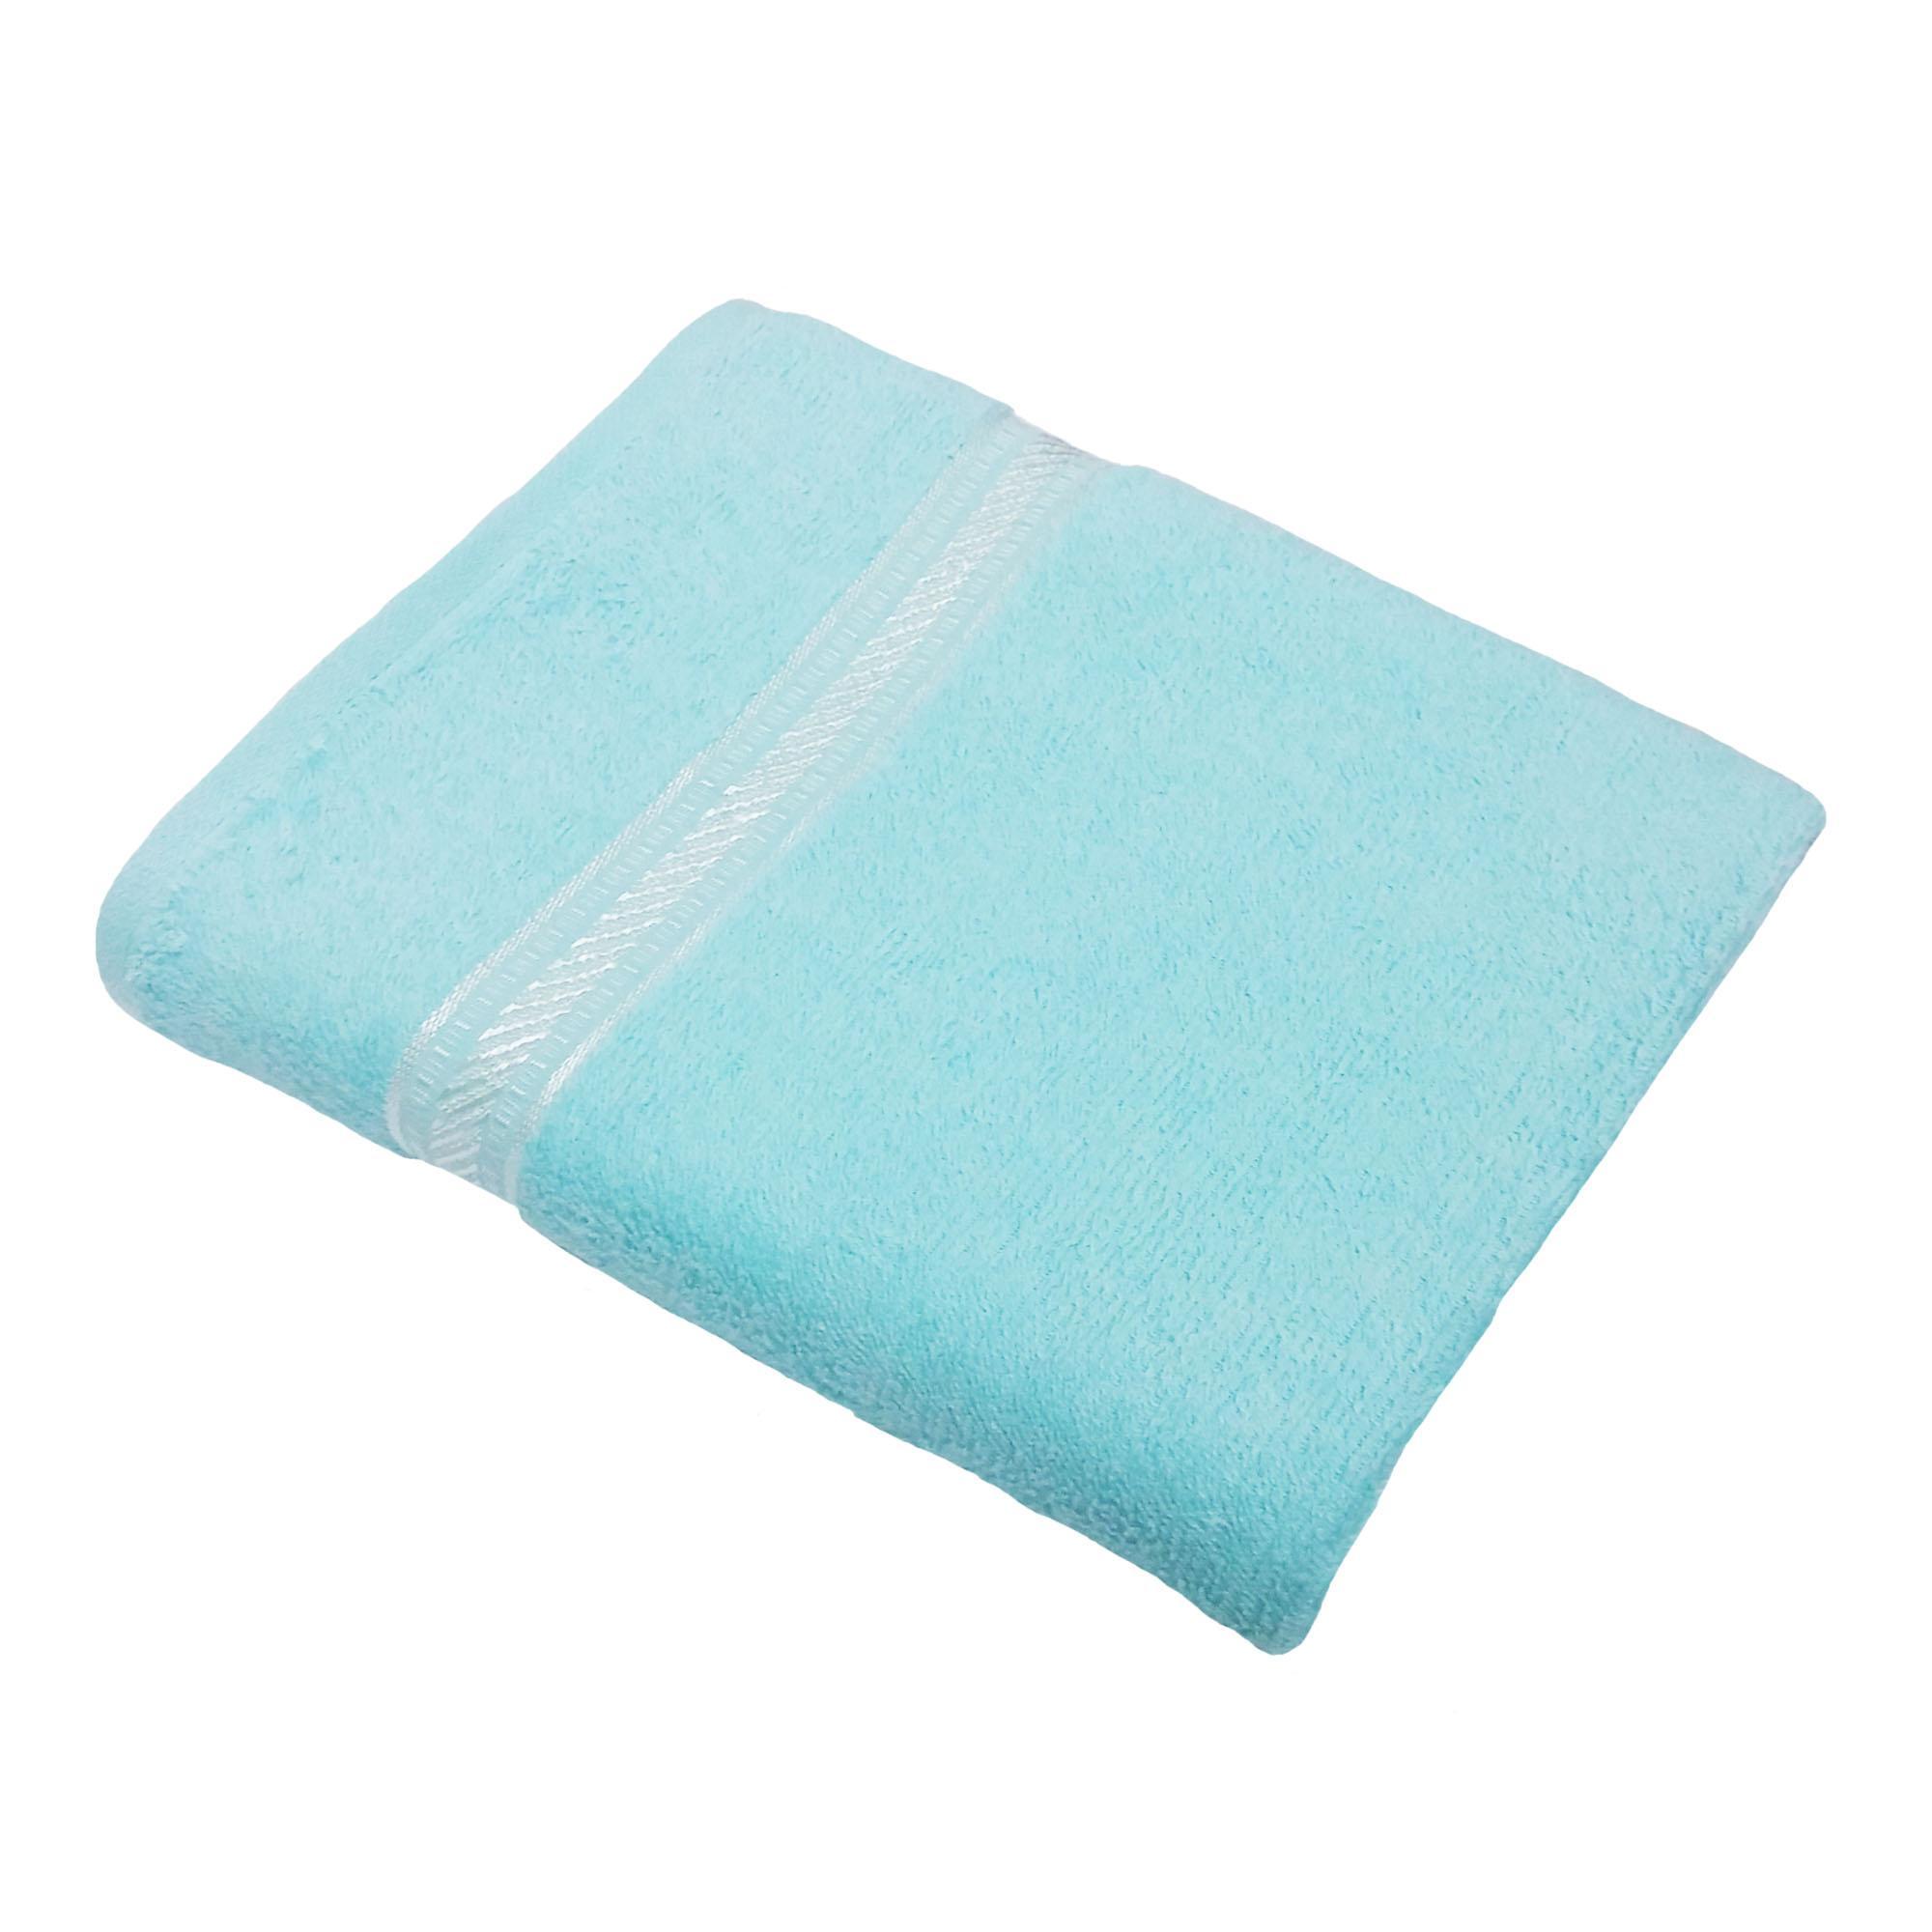 Handuk Merah Putih polos dari group Terry Palmer - Bath Towel - handuk murah - Ukuran besar 70x135 cm